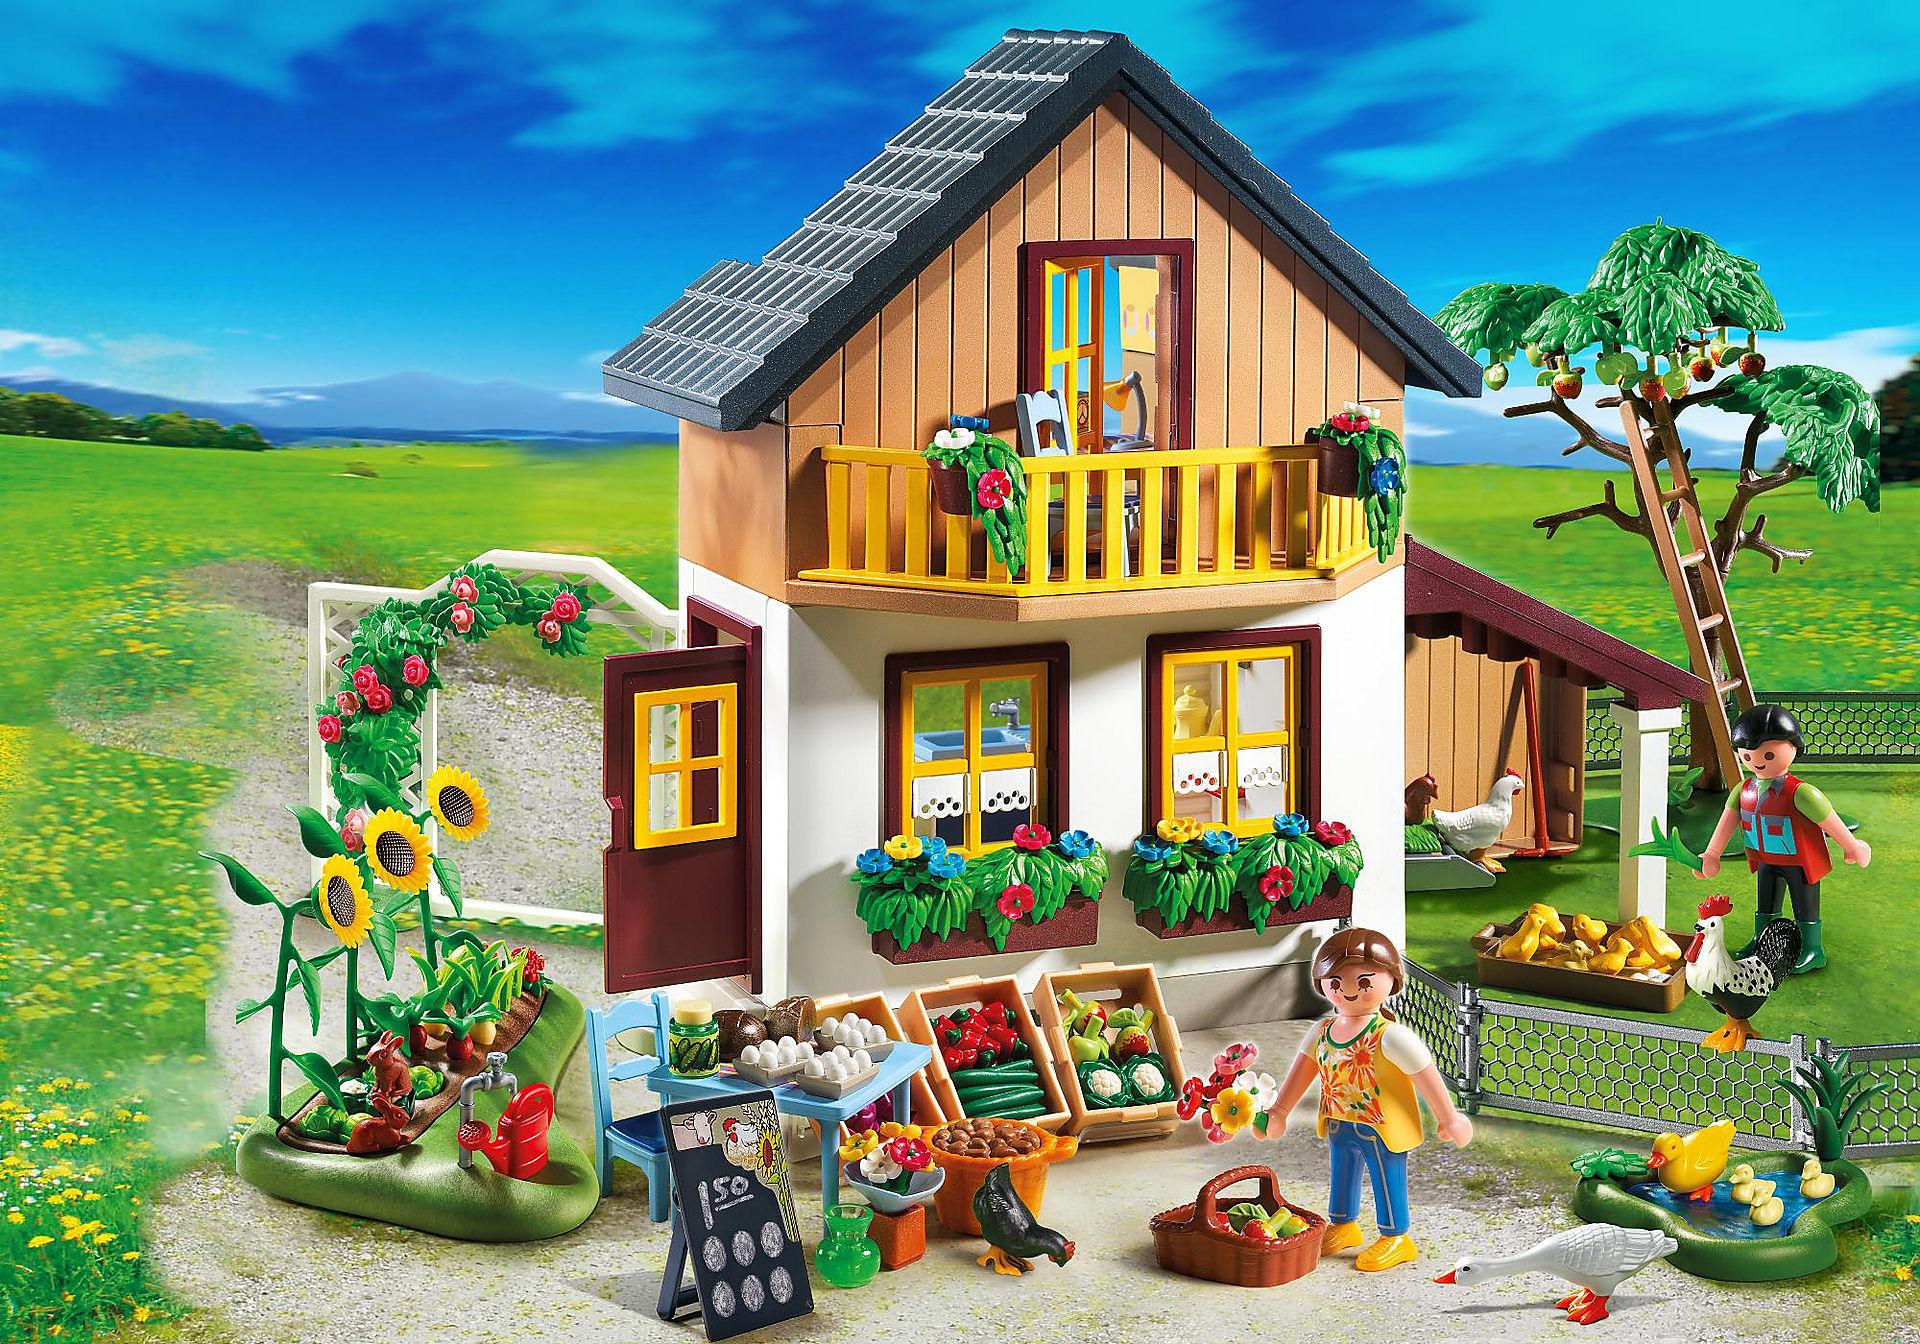 http://media.playmobil.com/i/playmobil/5120_product_extra1/Maison des fermiers et marché